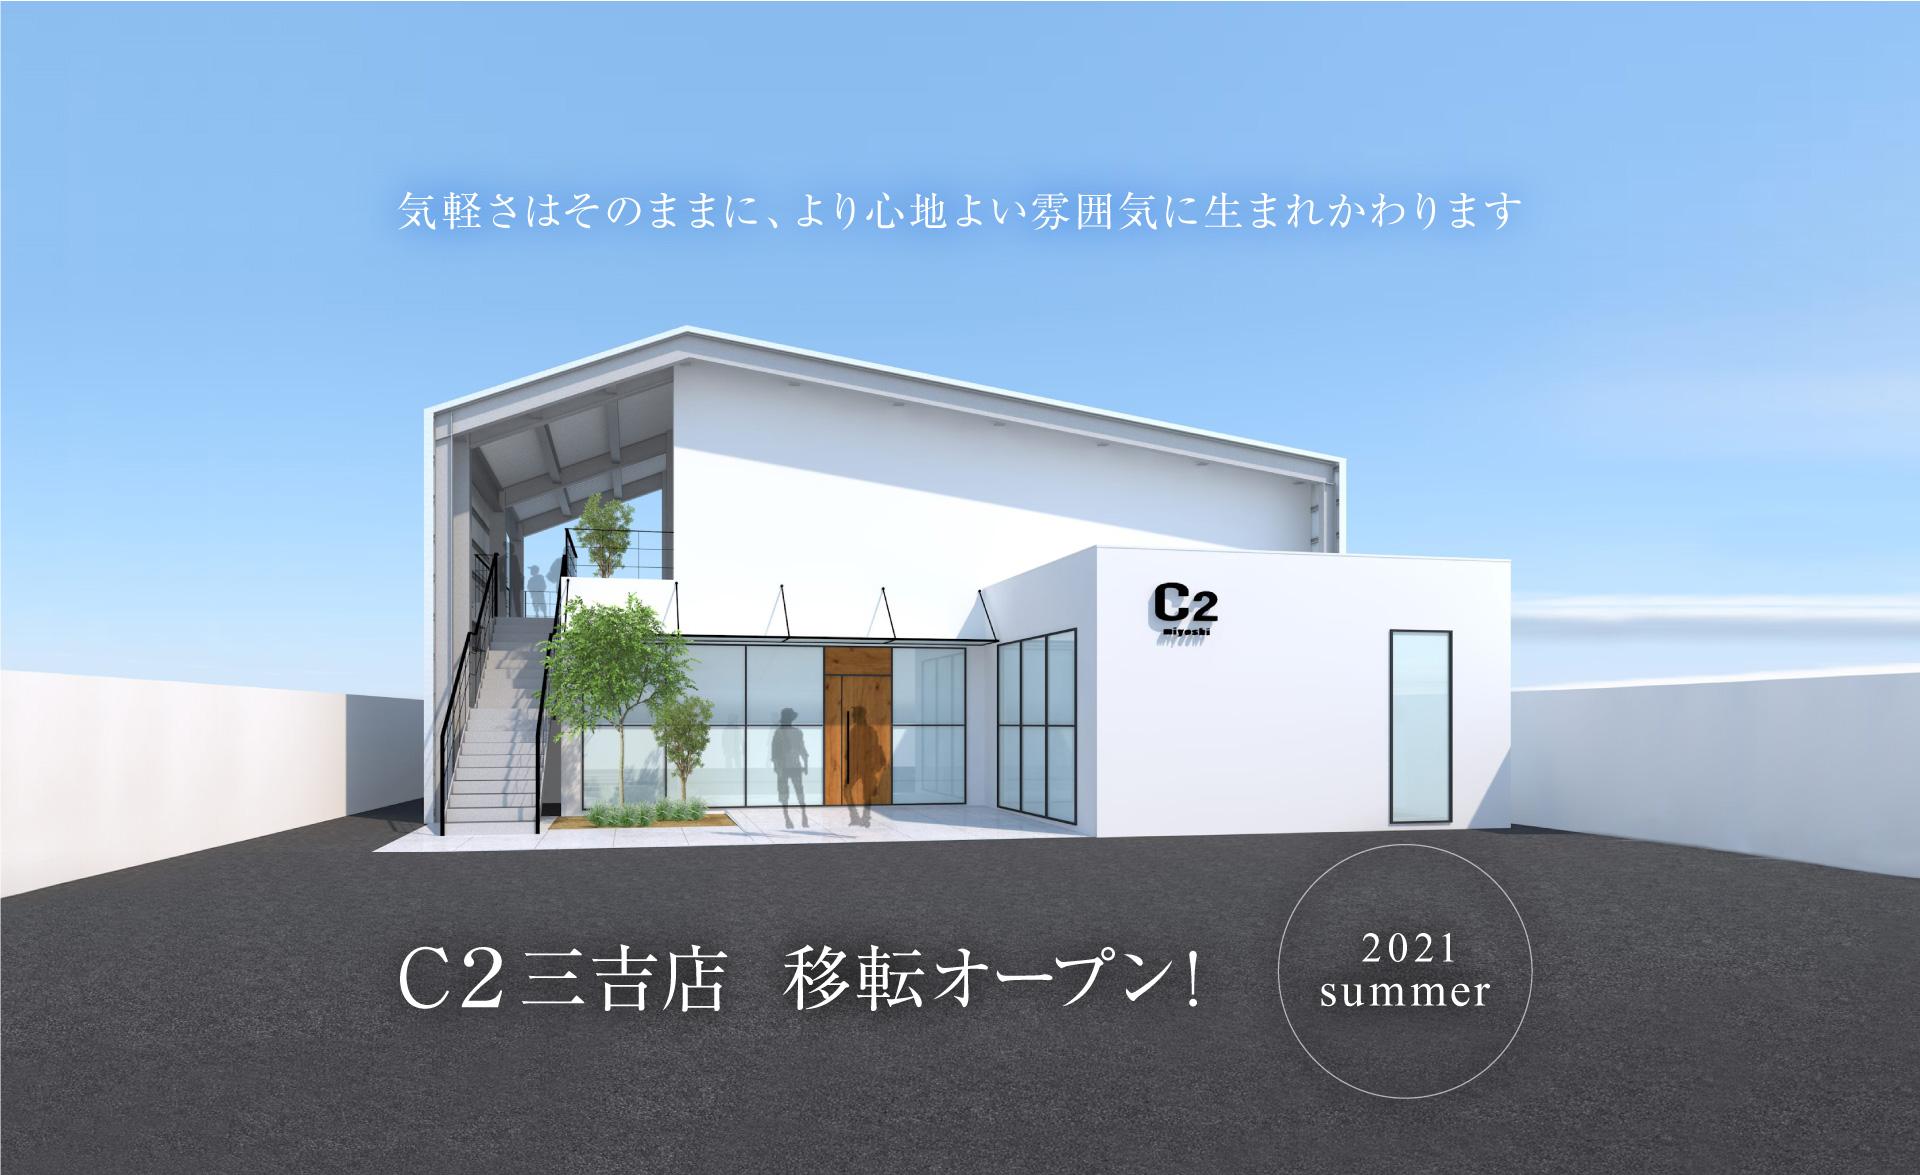 2021-5-c2miyoshi